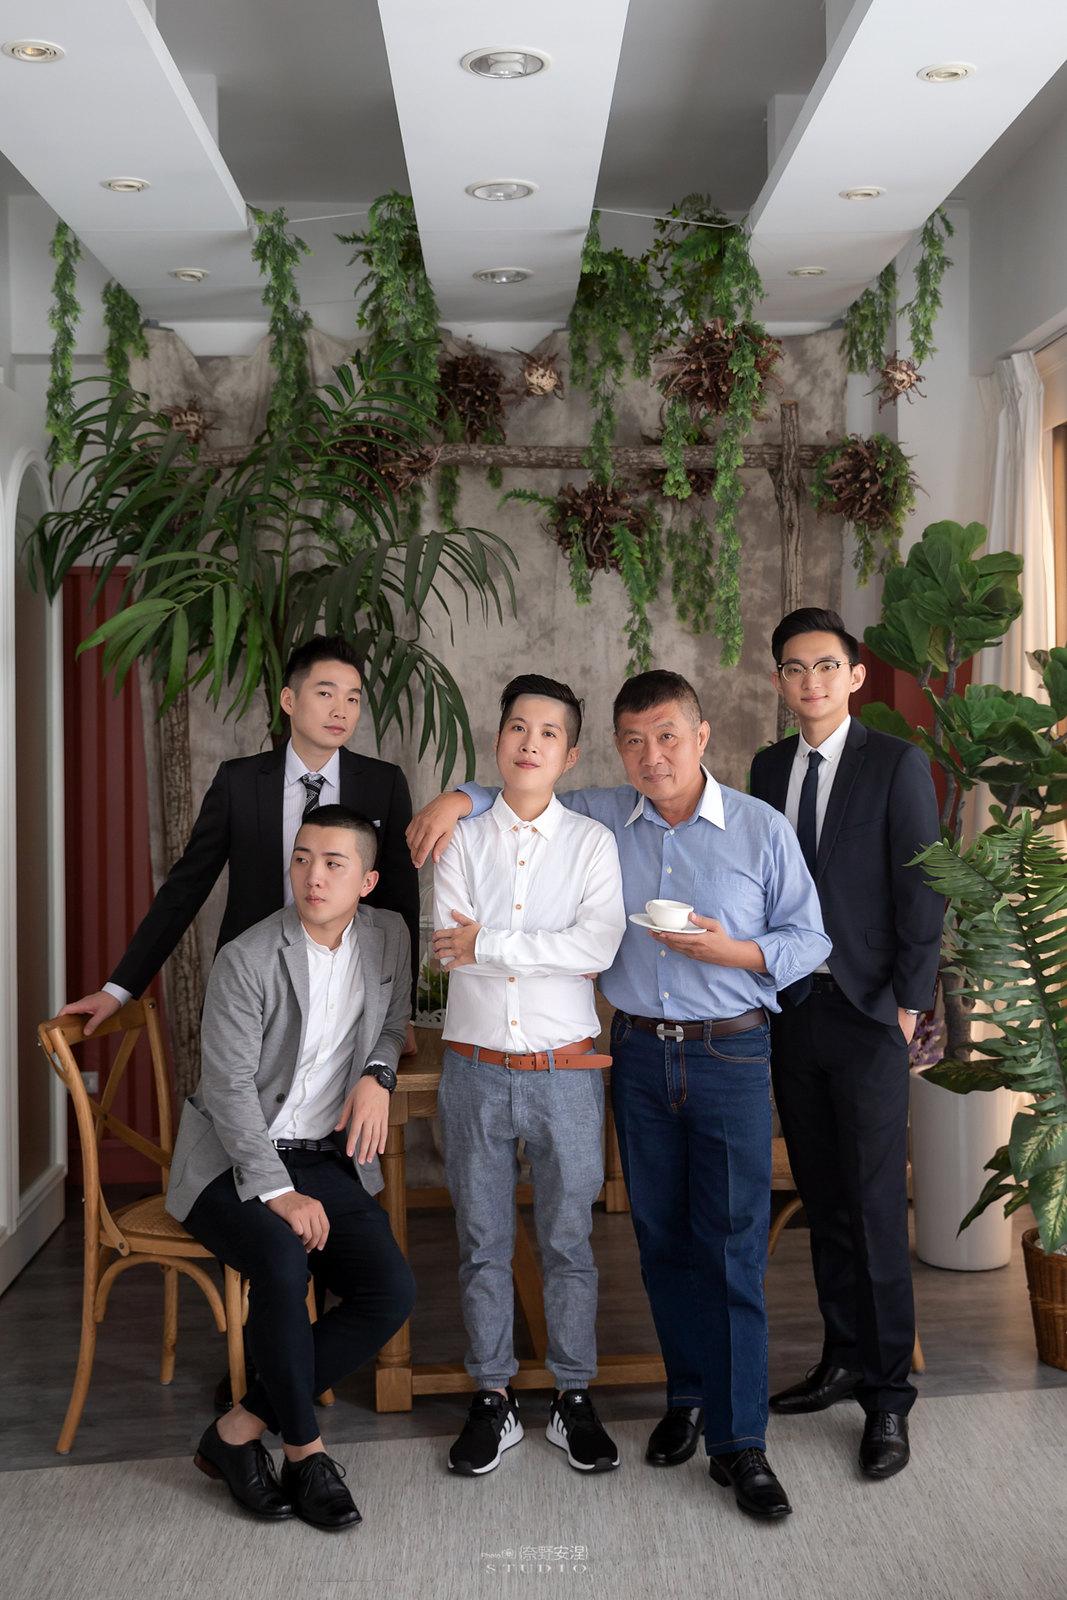 台南全家福 | 拋棄傳統合照的彆扭,忠實呈現家人間最親密的情感17